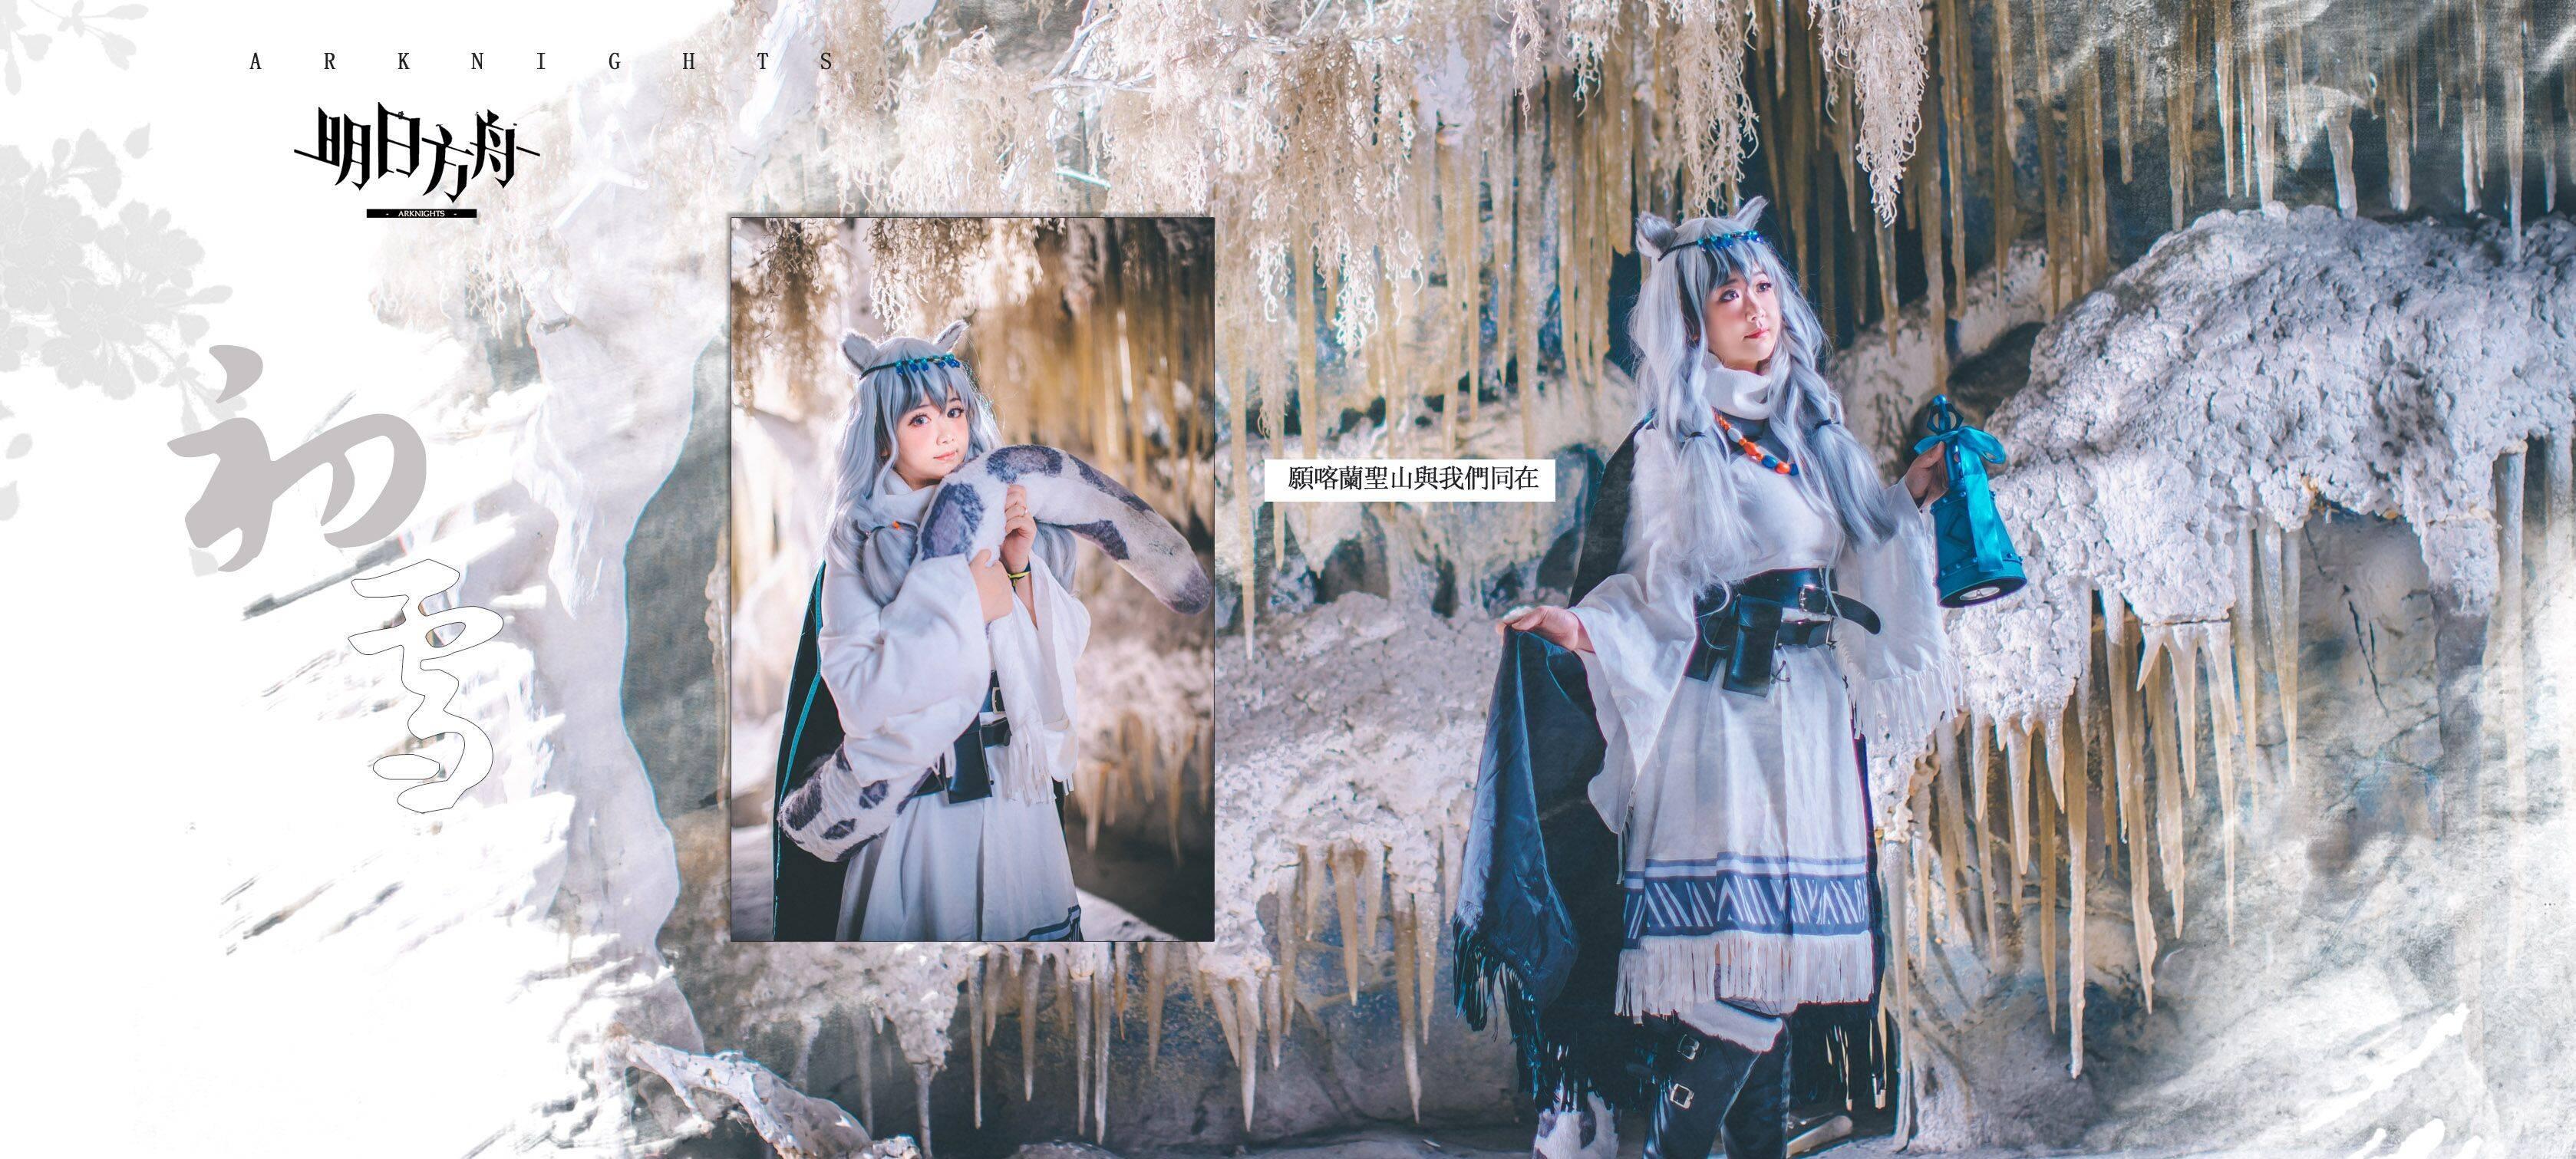 《明日方舟》明日方舟初雪cosplay【CN:爱鲤苏CHAOS】-第4张